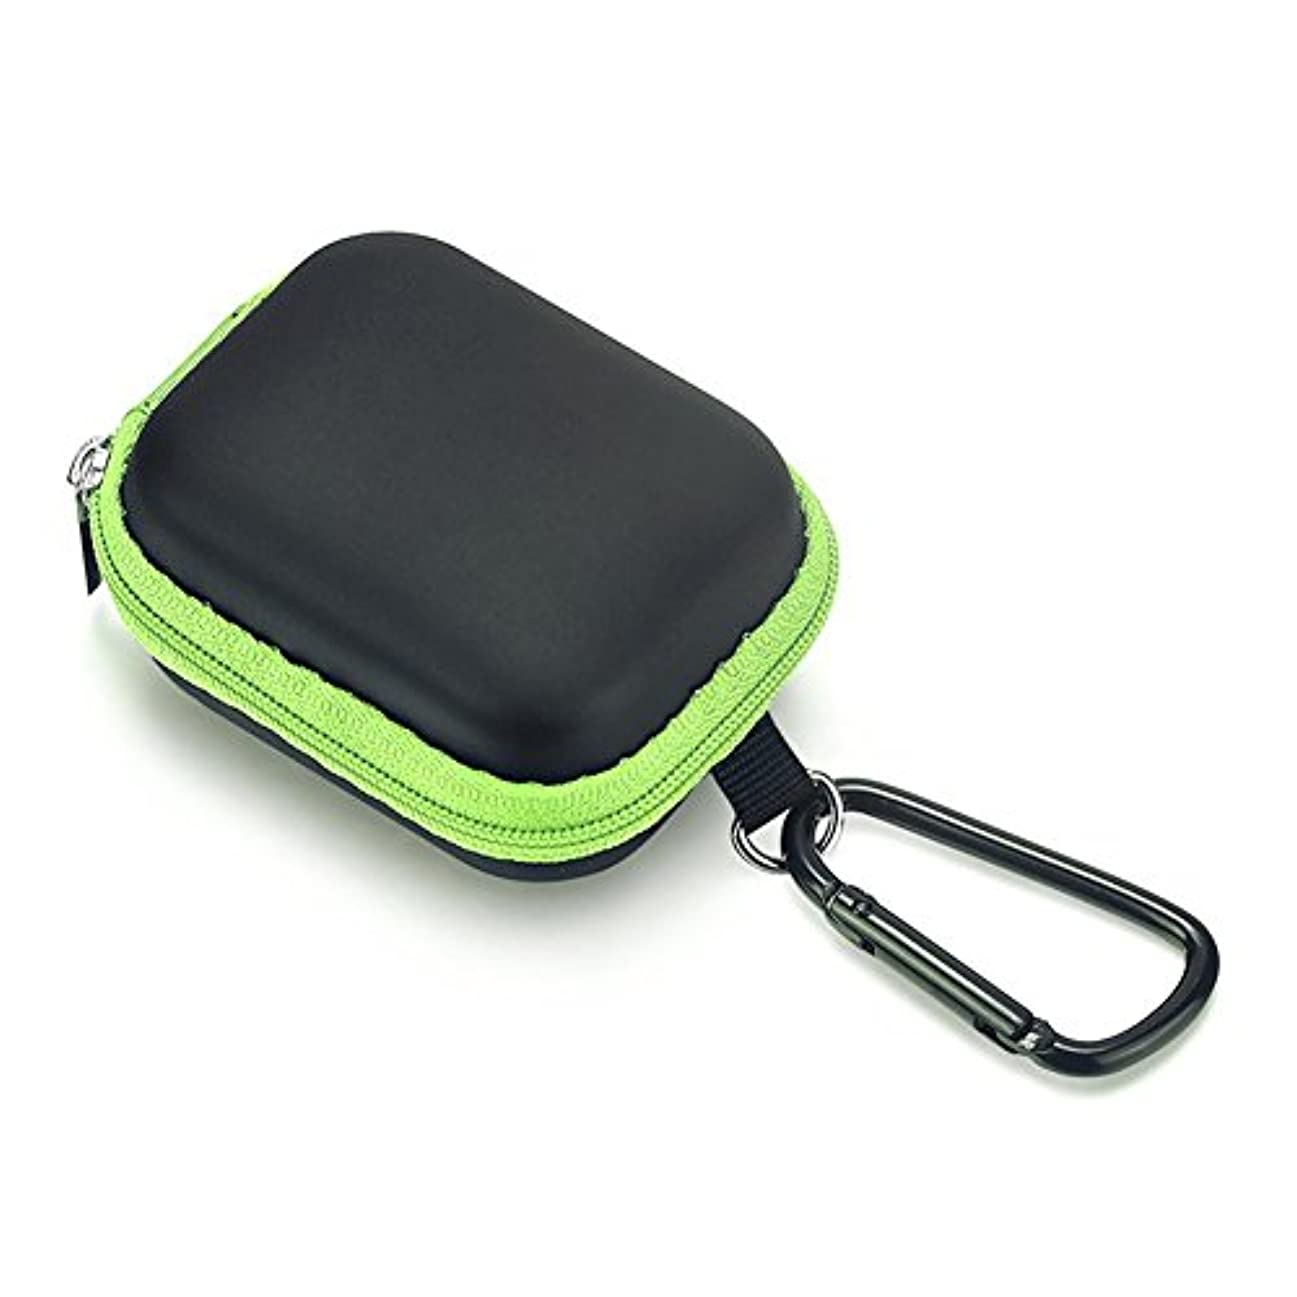 調べる隠すドライブPursue エッセンシャルオイル収納ケース アロマオイル収納ボックス アロマポーチ収納ケース 耐震 携帯便利 香水収納ポーチ 化粧ポーチ6本用